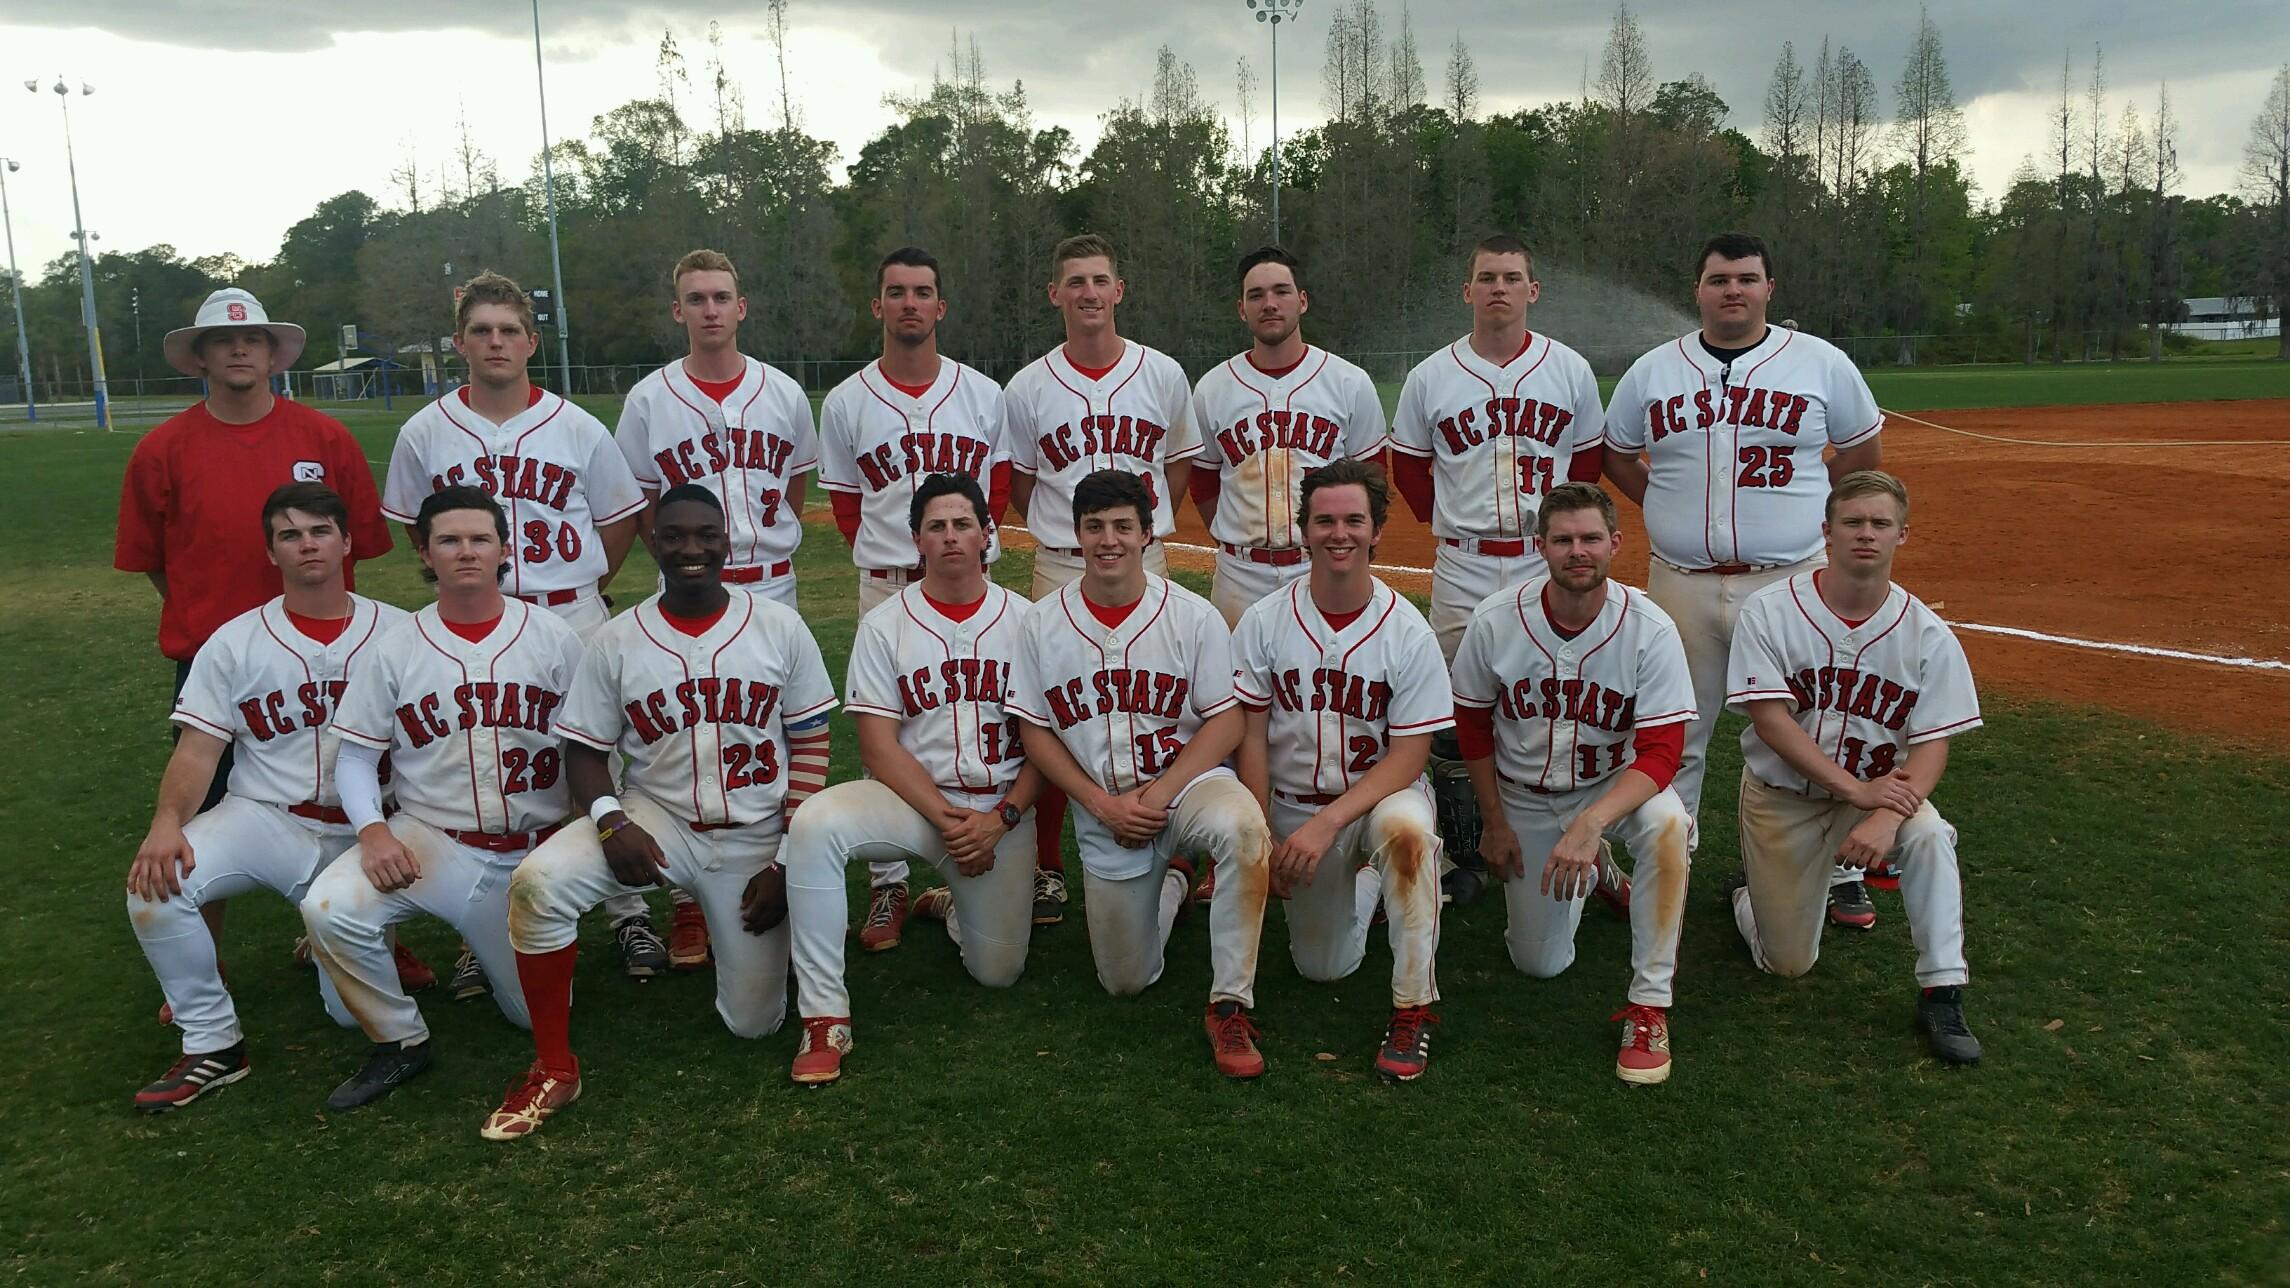 NC State Club Baseball